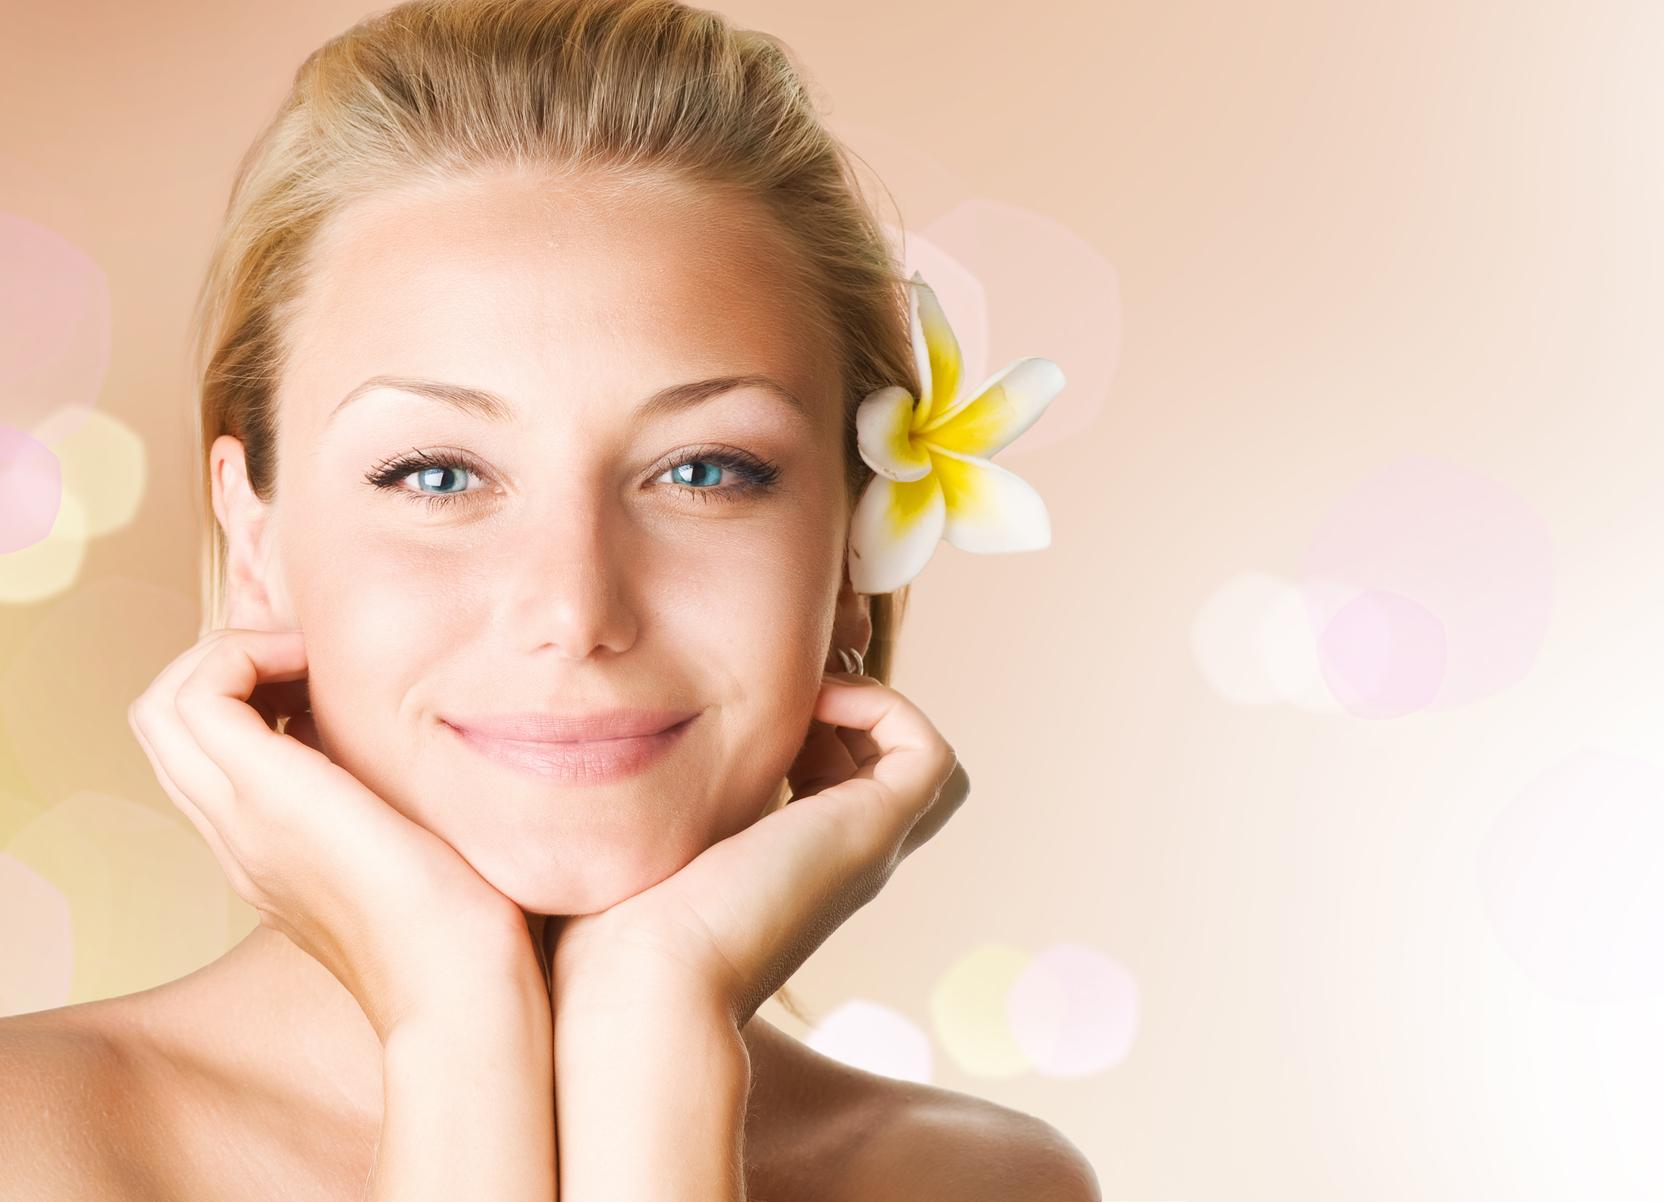 Всегда выбирай декоративную и уходовую косметику под свой тип кожи